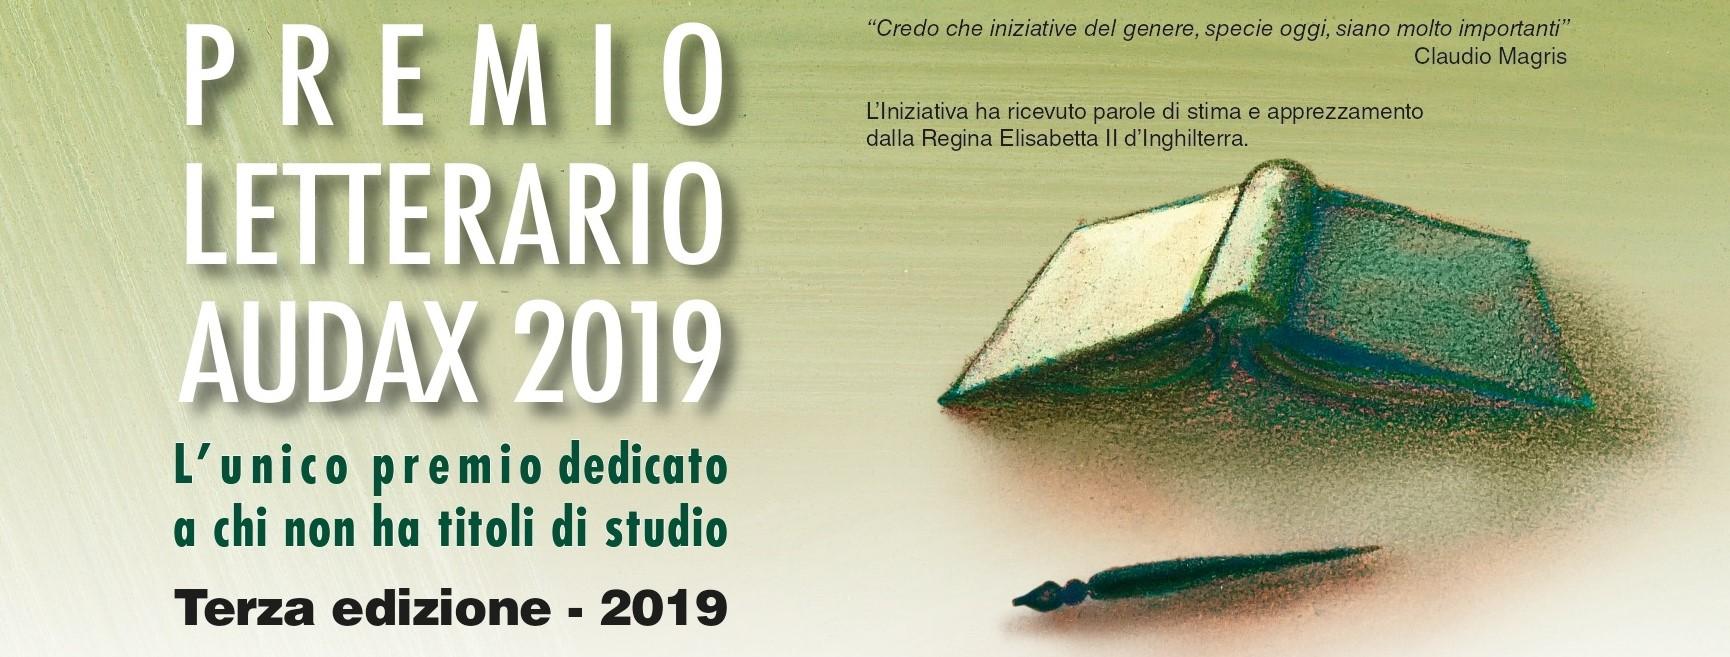 Premio lettarario Audax 2019. L'unico premio dedicato a chi non ha titoli di studio (scadenza 21 luglio 2019)